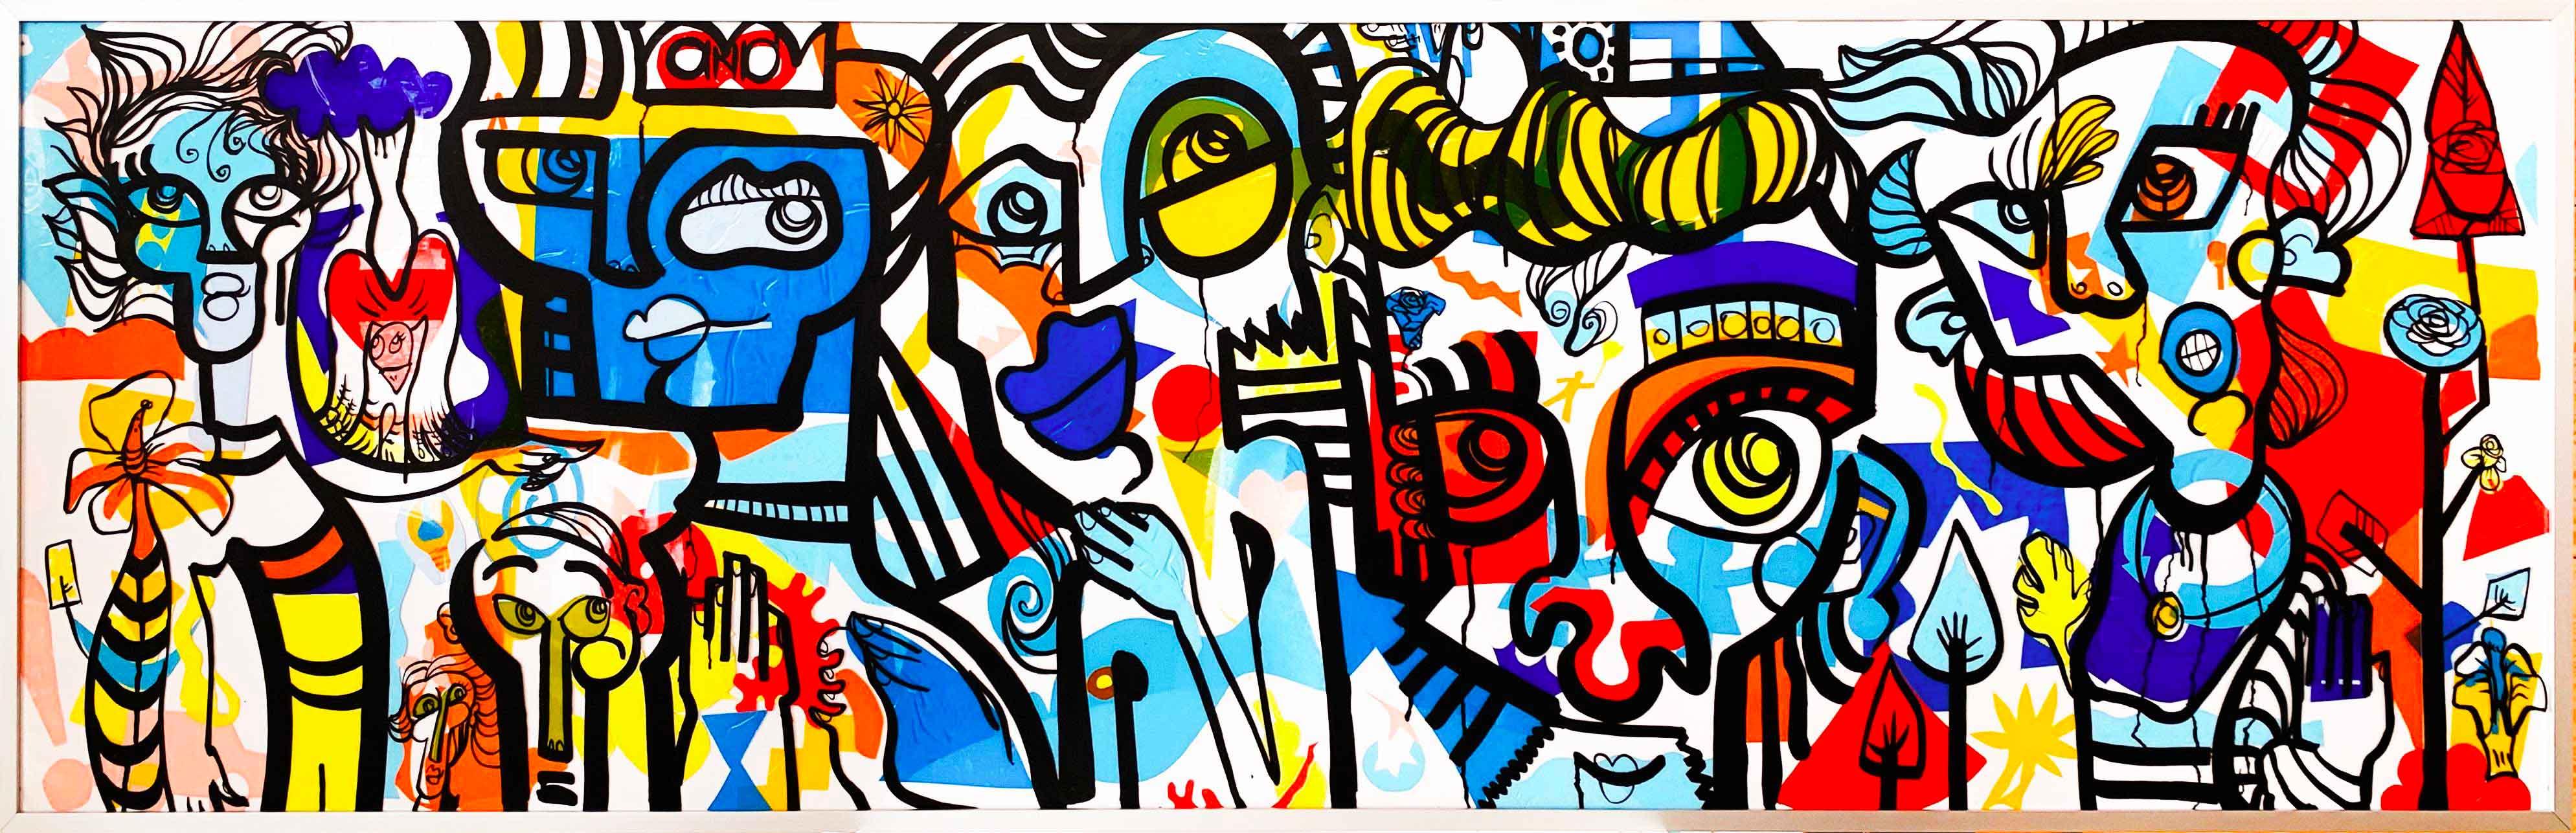 Exemple de fresque graffiti participatif par aNa artiste idée animation AG Lyon construite ensemble lors de l'assemblée générale 2019 au restaurant A la piscine de Lyon